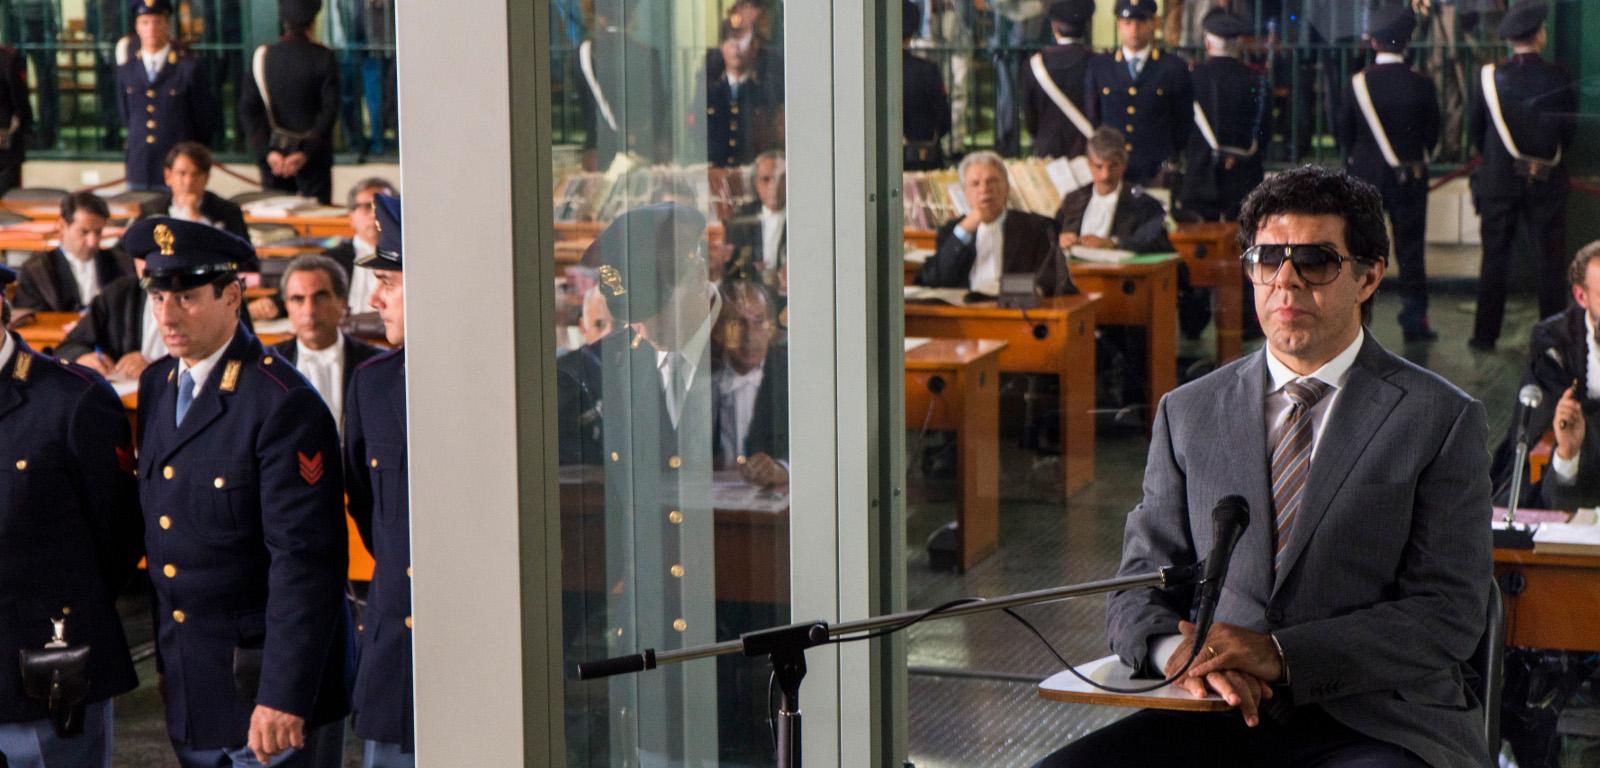 Il traditore copertina mafia carabinieri aula di tribunale